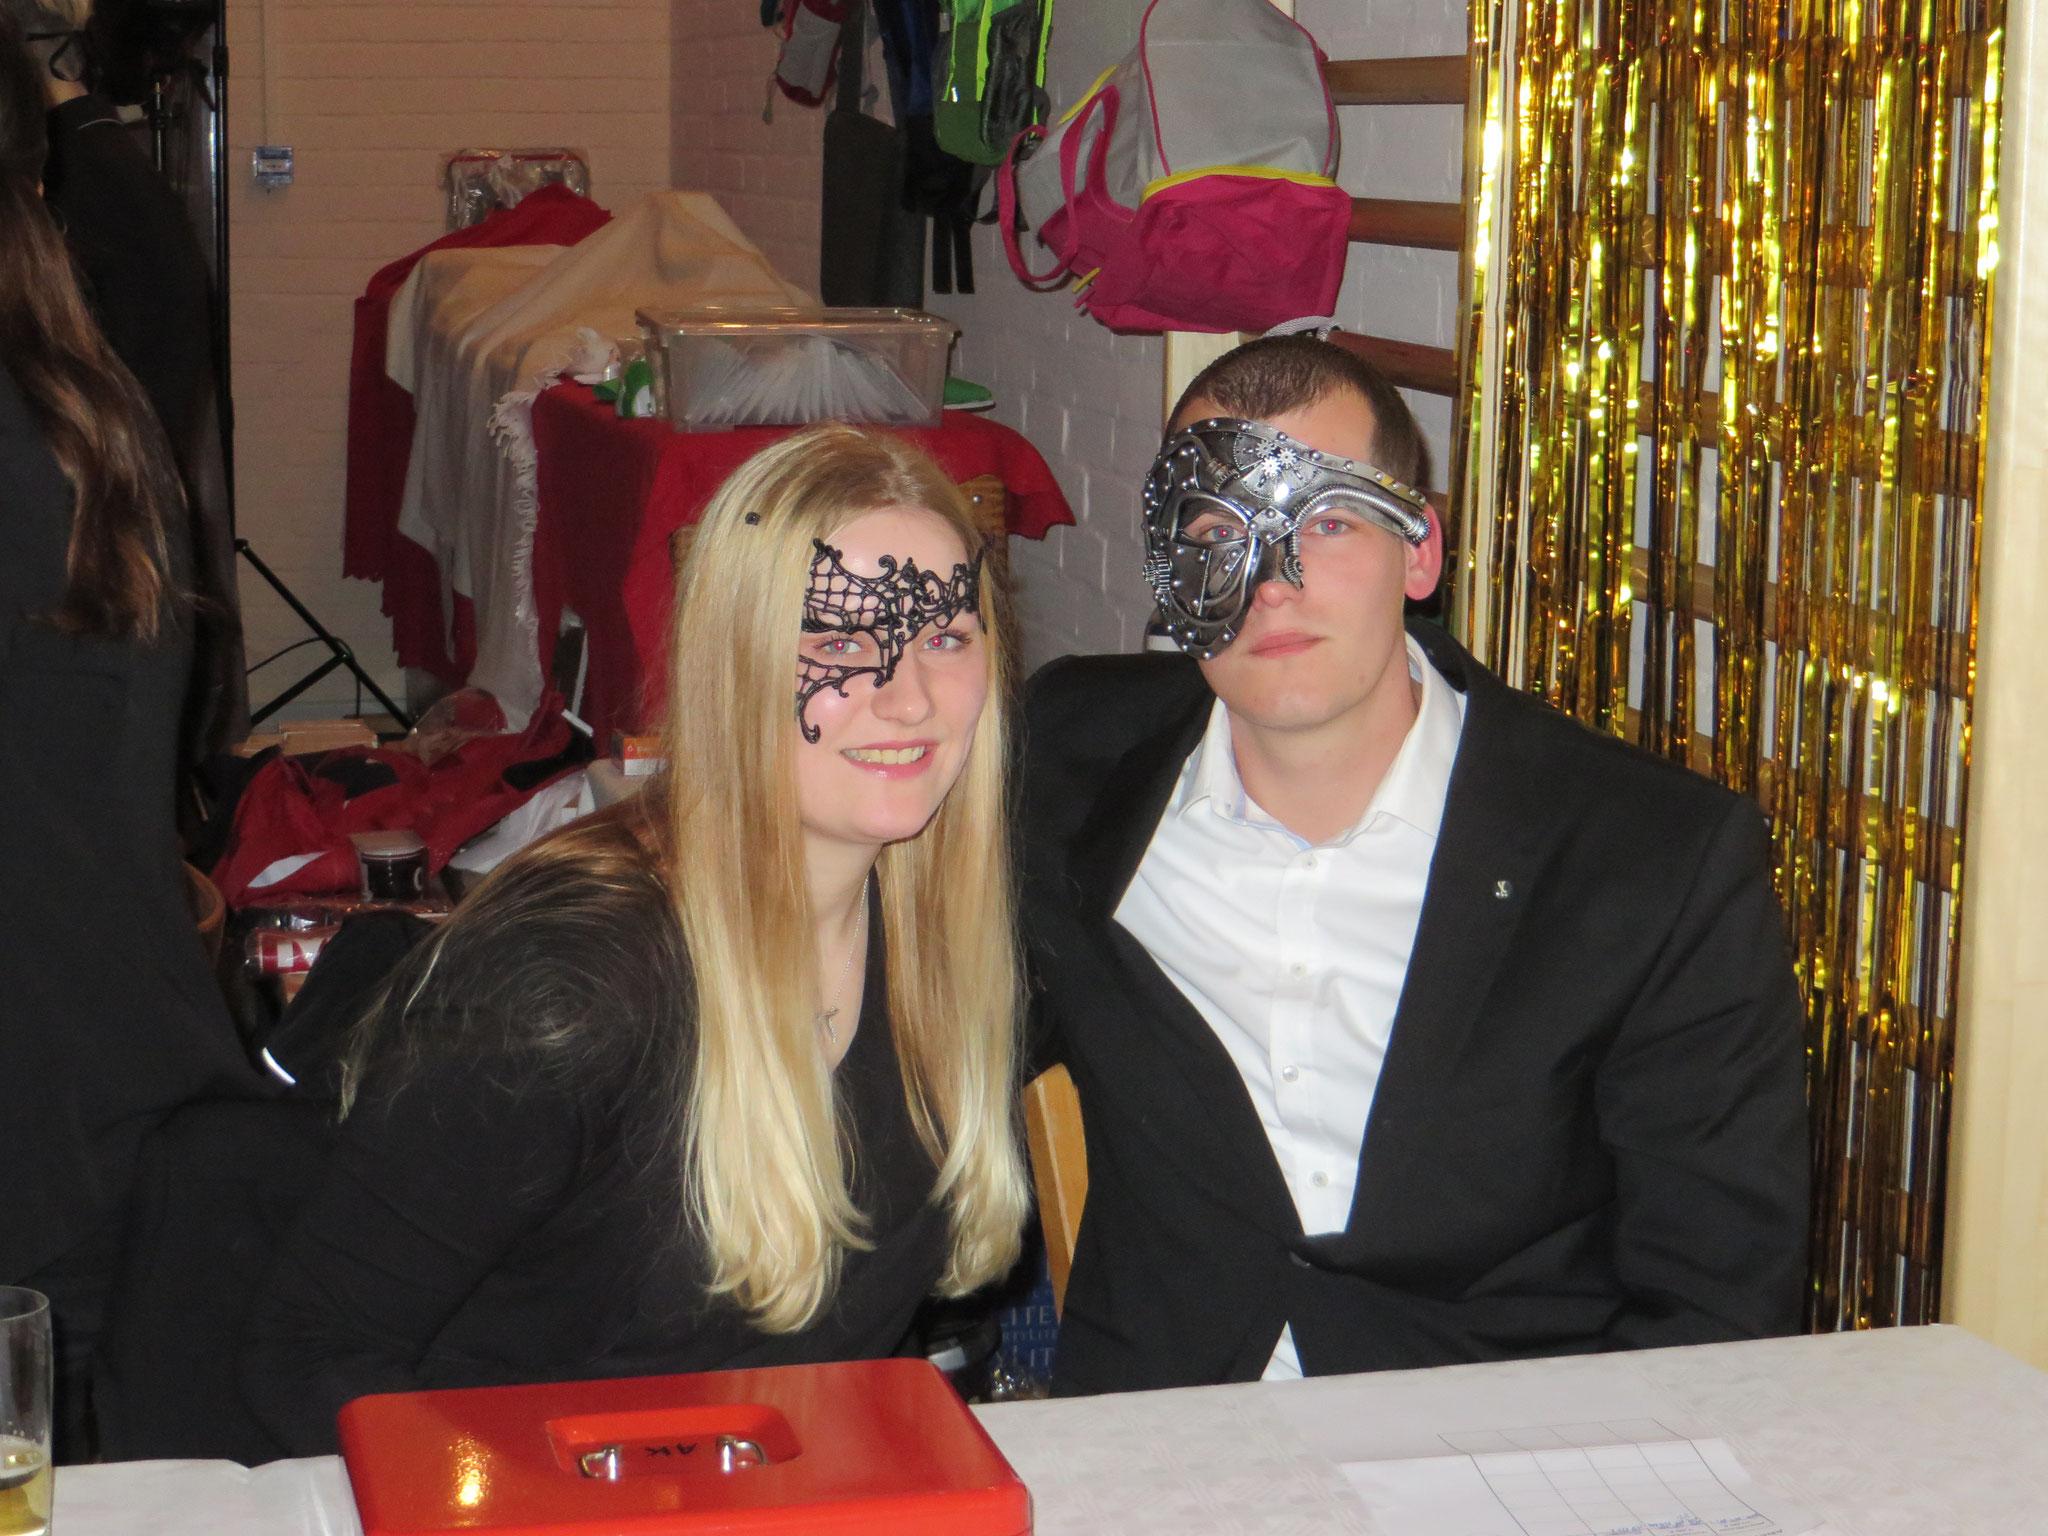 Unsere Helfer an der Abendkasse (Pia Werner und Torben Ebeling)